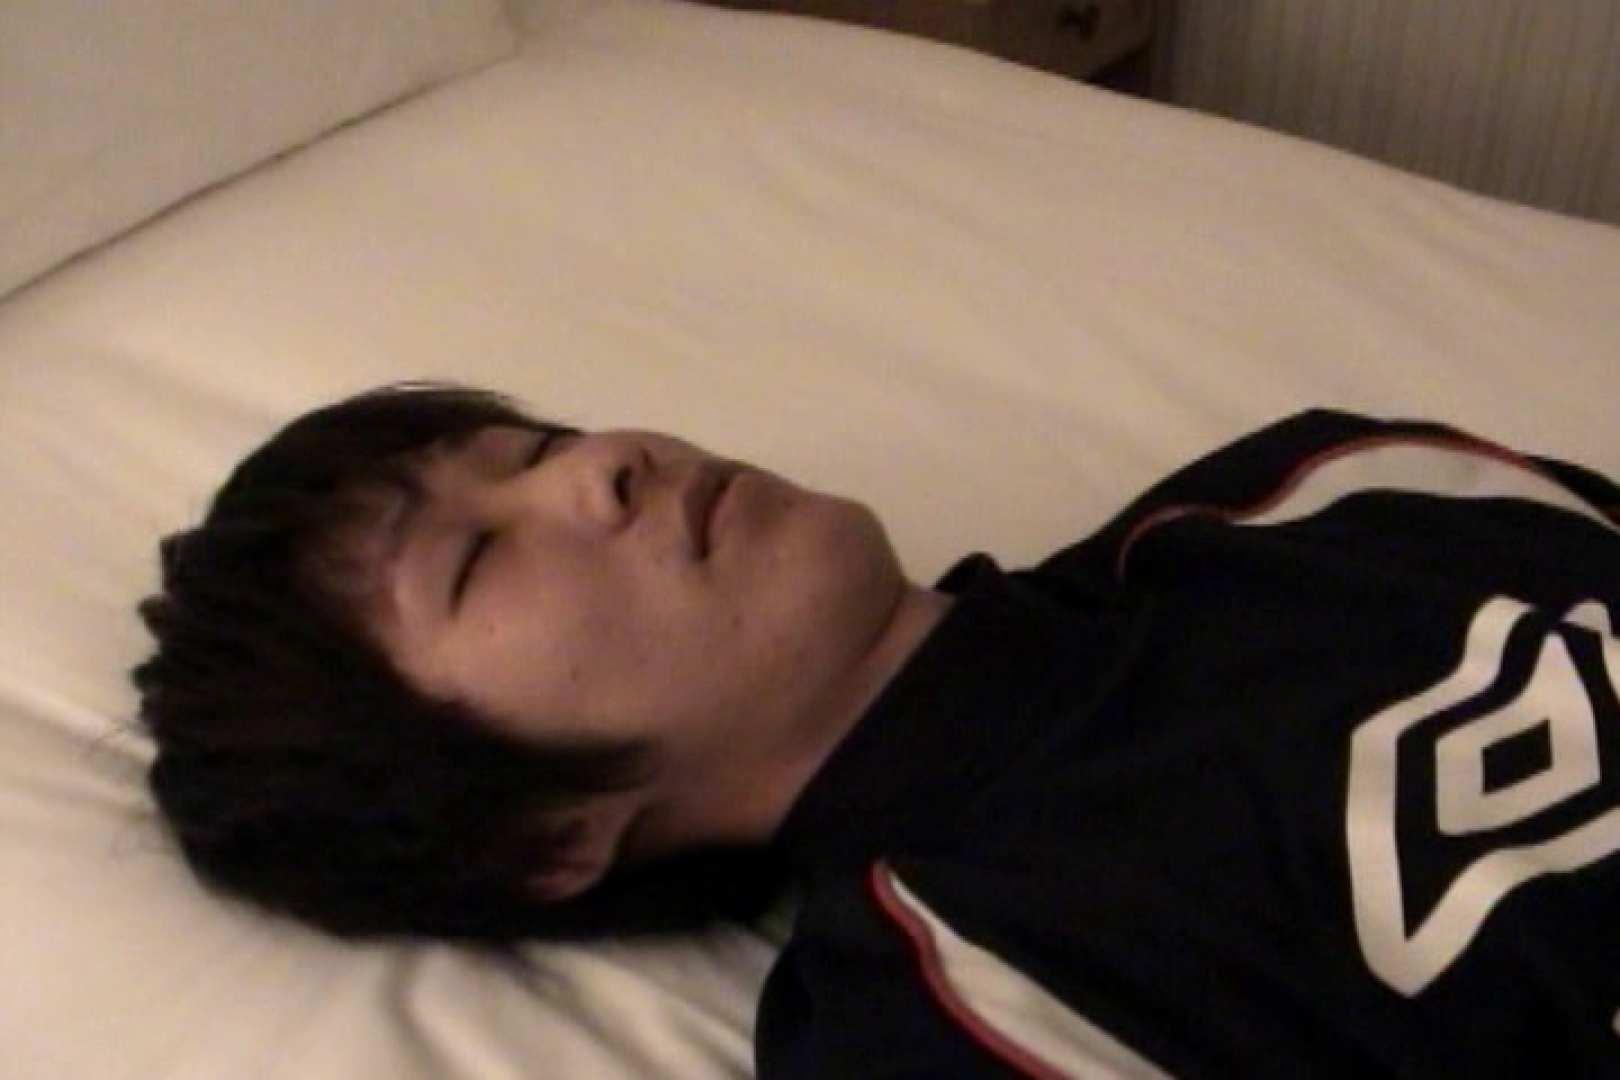 三ツ星シリーズ 魅惑のMemorial Night!! vol.01 ノンケ君達の・・ ゲイSEX画像 86枚 52